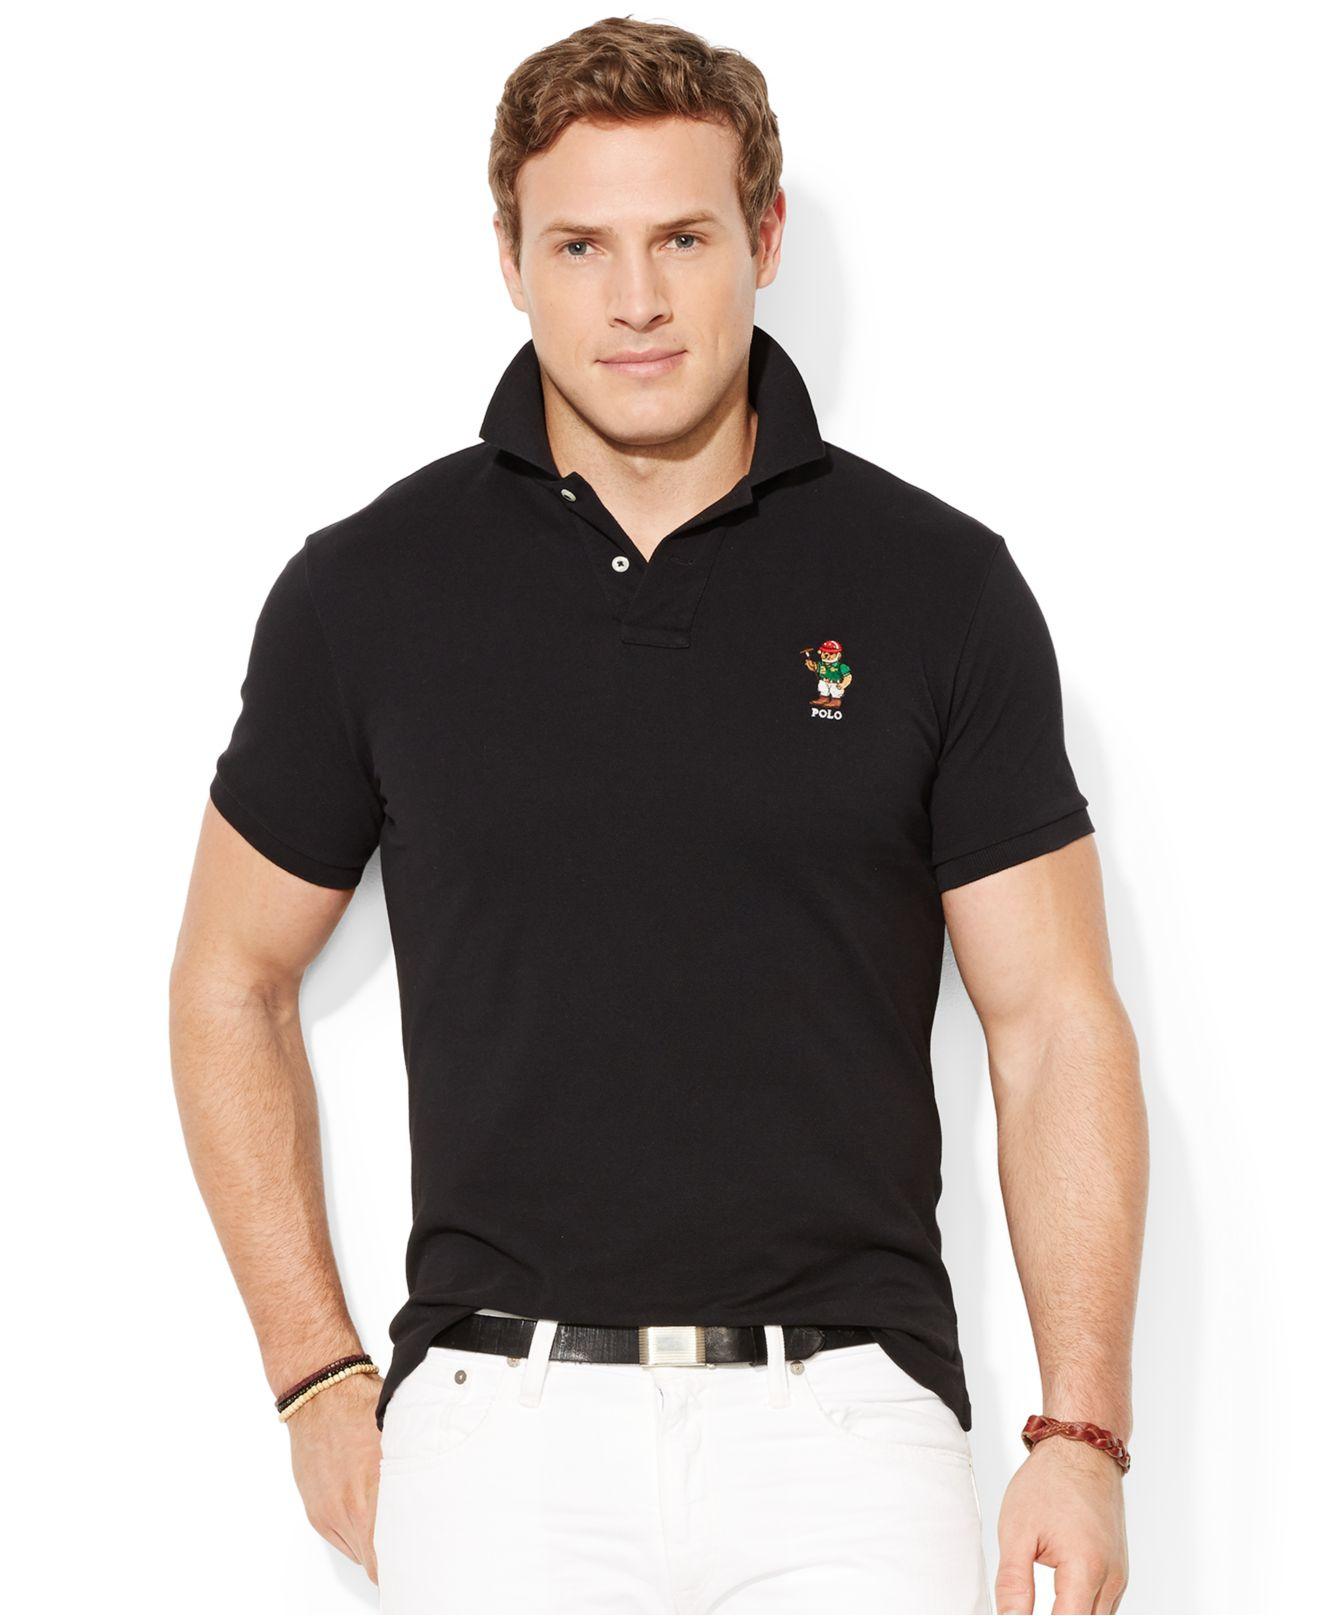 Ralph And Lauren T Shirt Cheap Polo Ralph Lauren Shirts